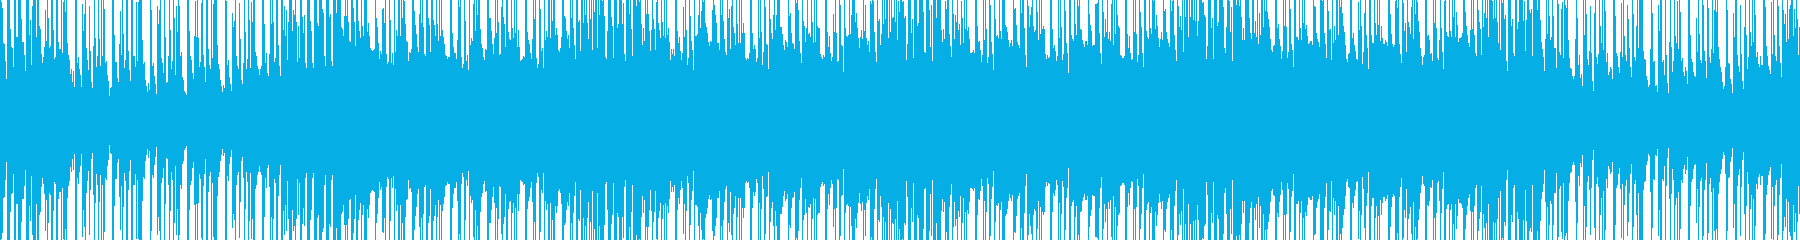 灼熱の熱さを感じるアフロサウンドの再生済みの波形